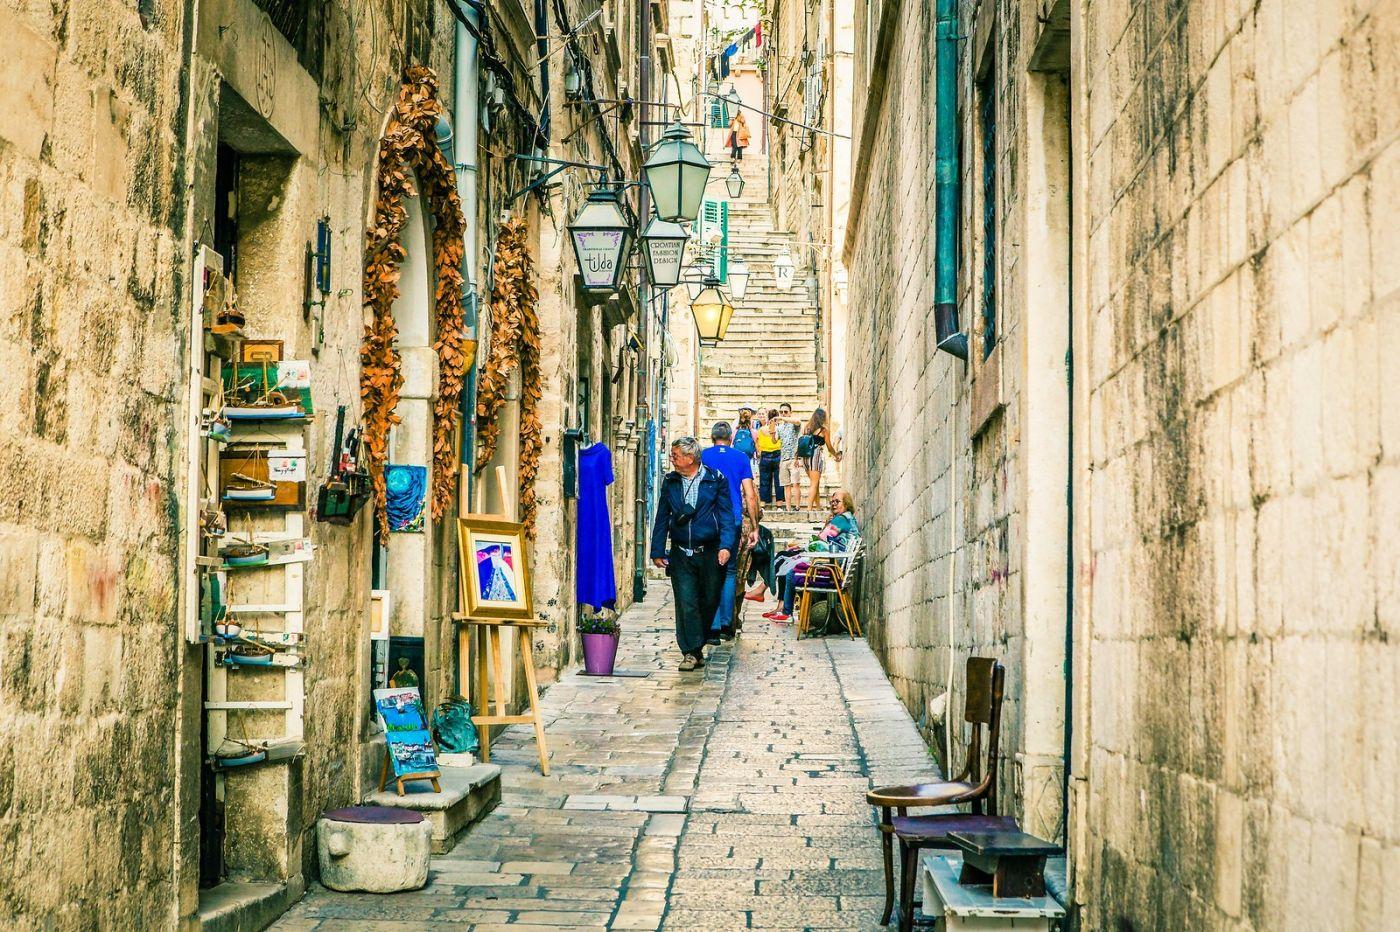 克罗地亚杜布罗夫尼克(Dubrovnik),古城小巷_图1-20